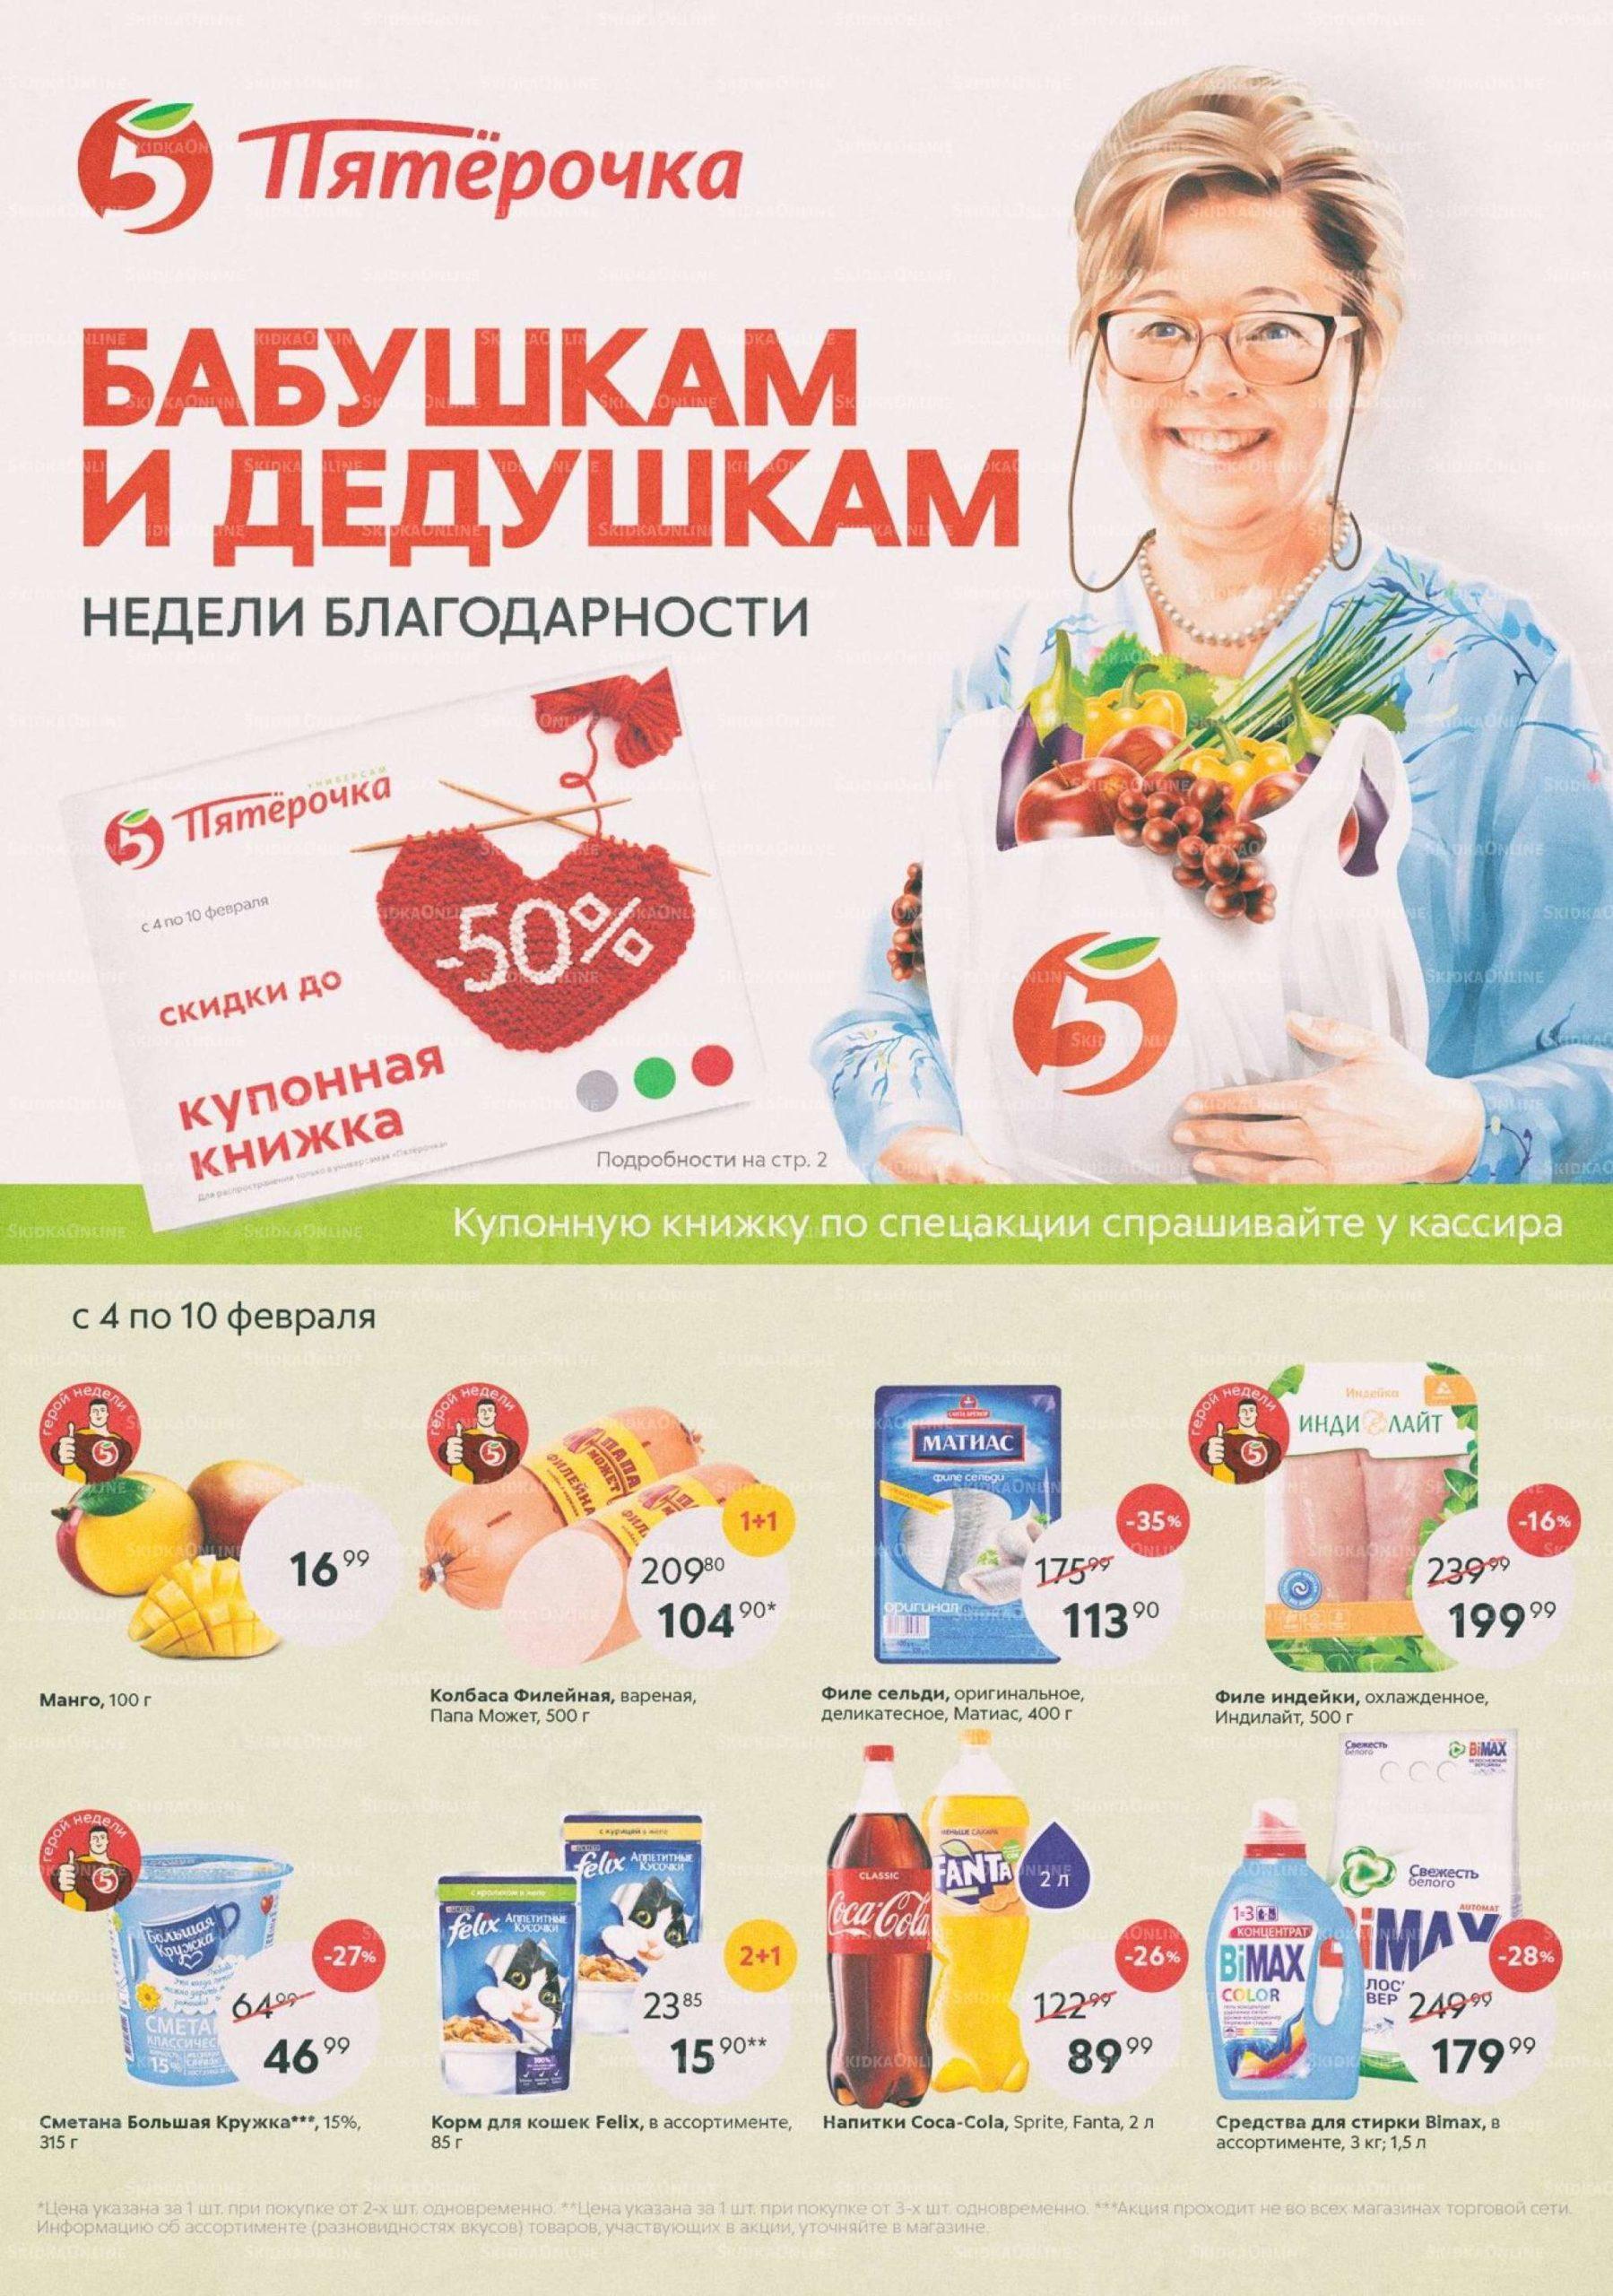 Акции в Пятёрочке с 4 по 10 февраля 2020 года